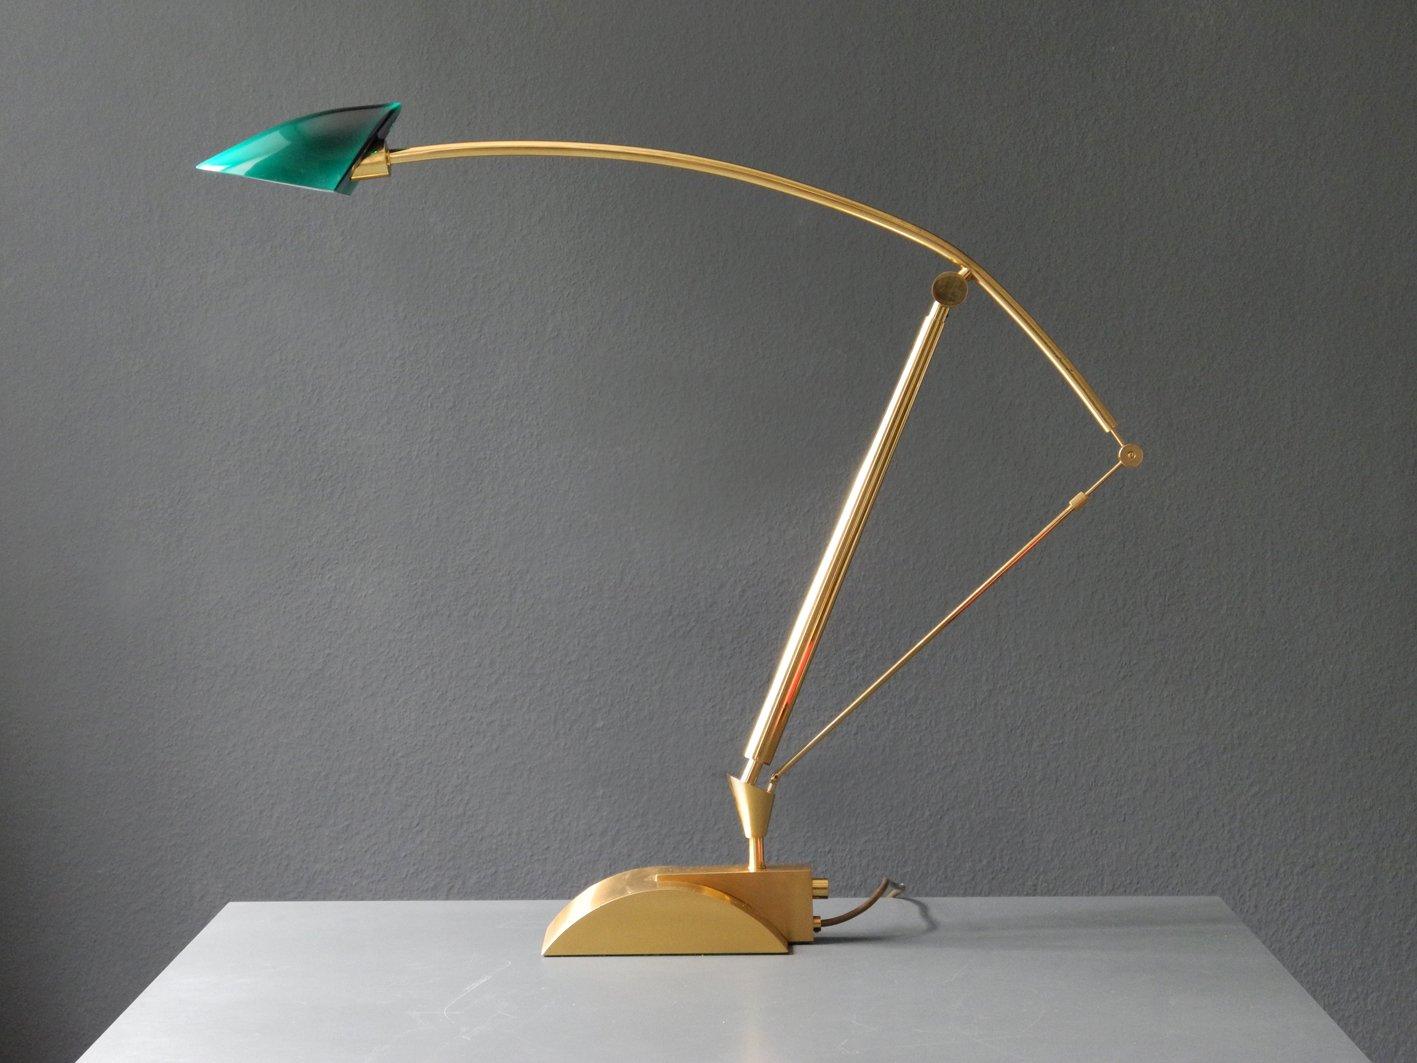 Grande lampe de bureau ajustable halog ne en laiton avec abat jour en verre vert 1980s en vente - Lampe de bureau style anglais ...